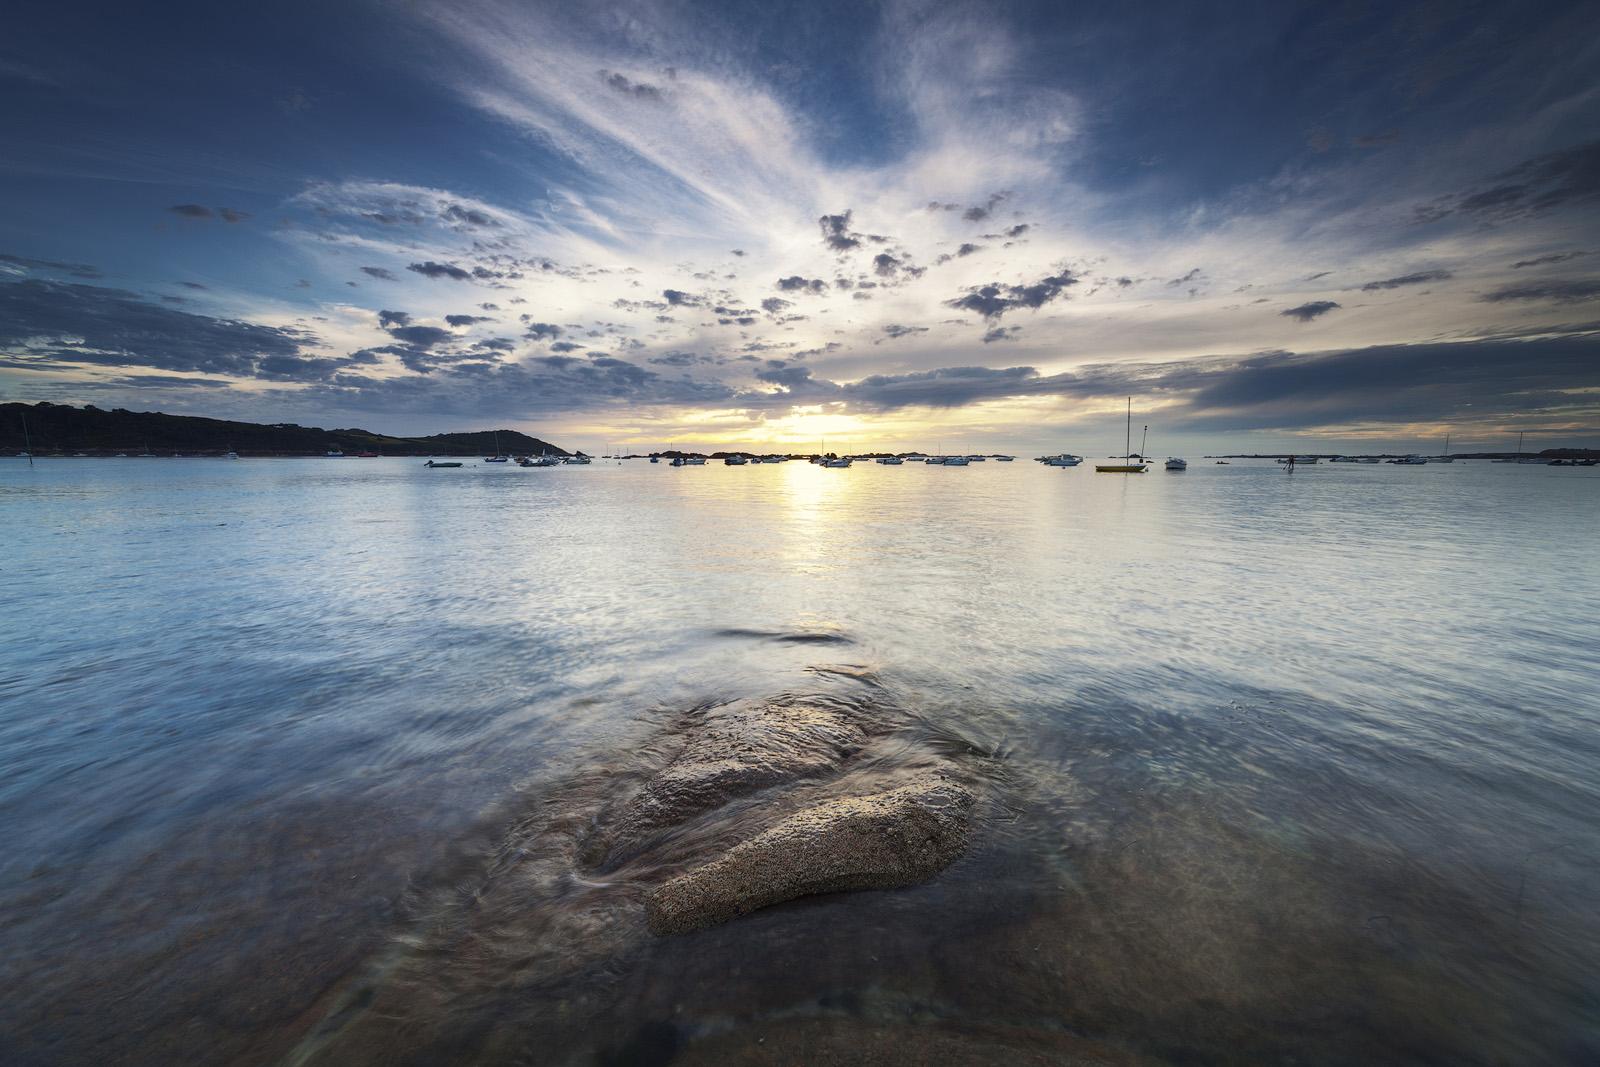 Coucher de soleil sur la plage de Tréberden, réalisée avec l'objectif Laowa 12mm F/2.8 Zero-D